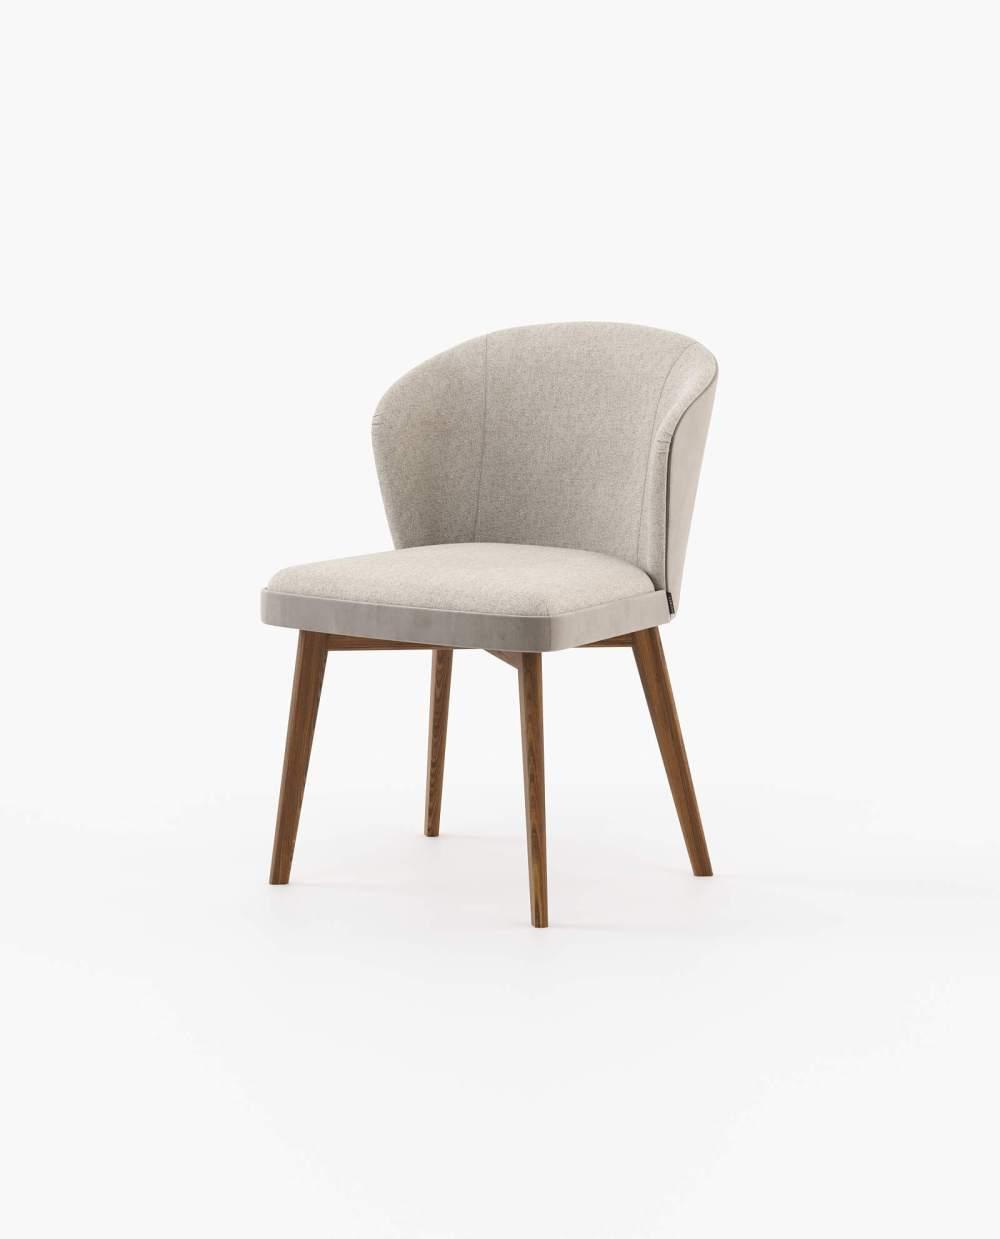 Cadeira Nelly em Tecido Alinhado Sand, Veludo Khaki, Nogueira